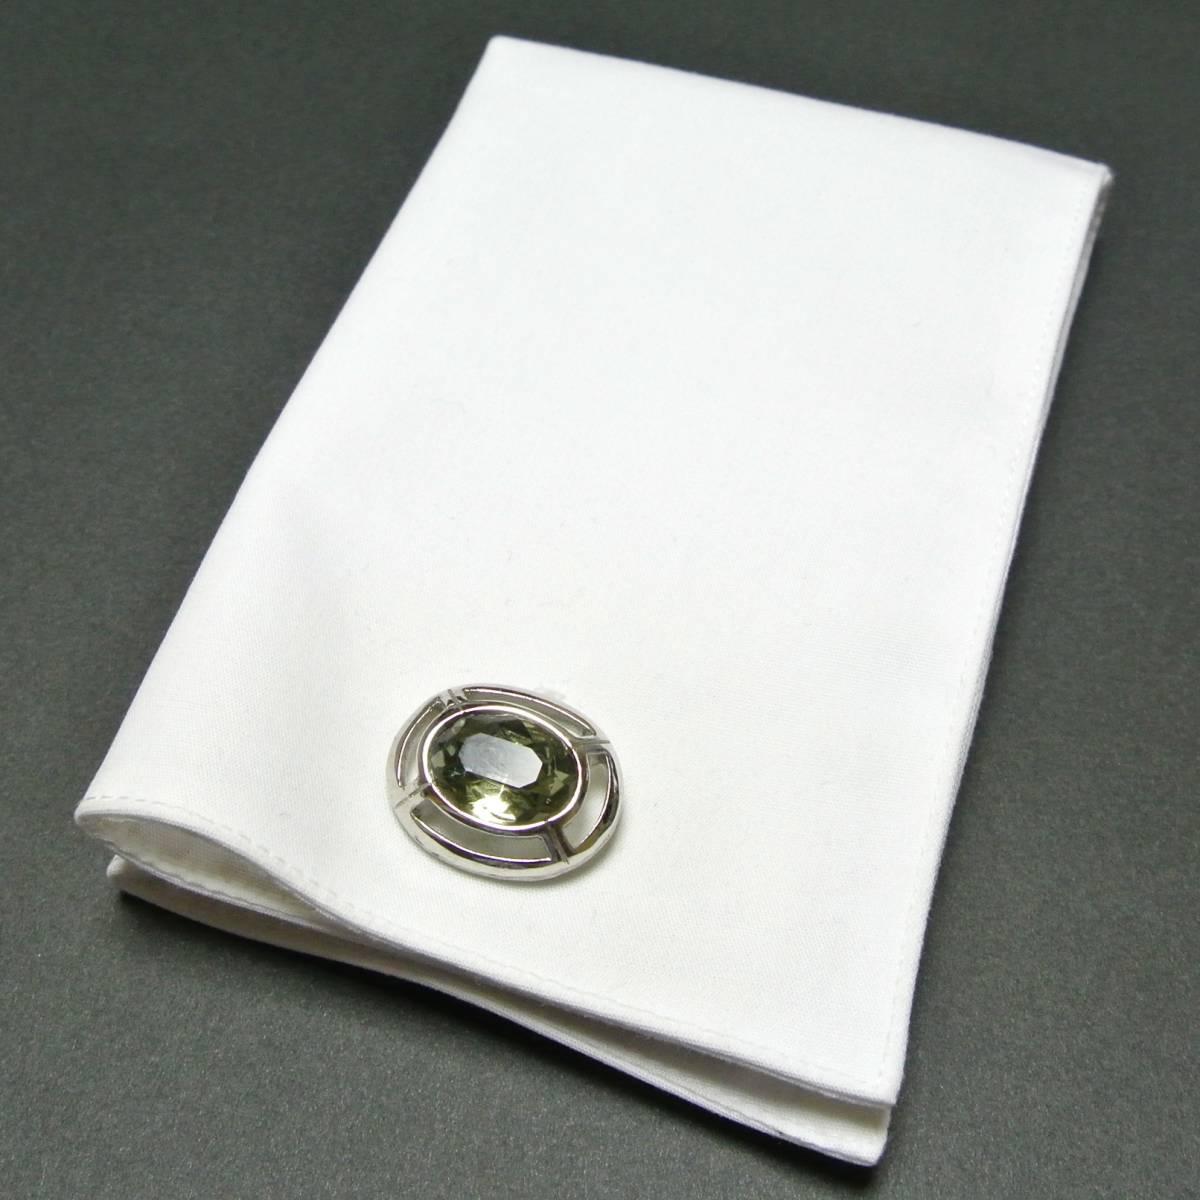 クリスタル◆アメリカ SWANK製 ヴィンテージ カフリンクス 銀 シルバー ガラス シンプル 楕円 オーバル カフスボタン スワンク_画像5